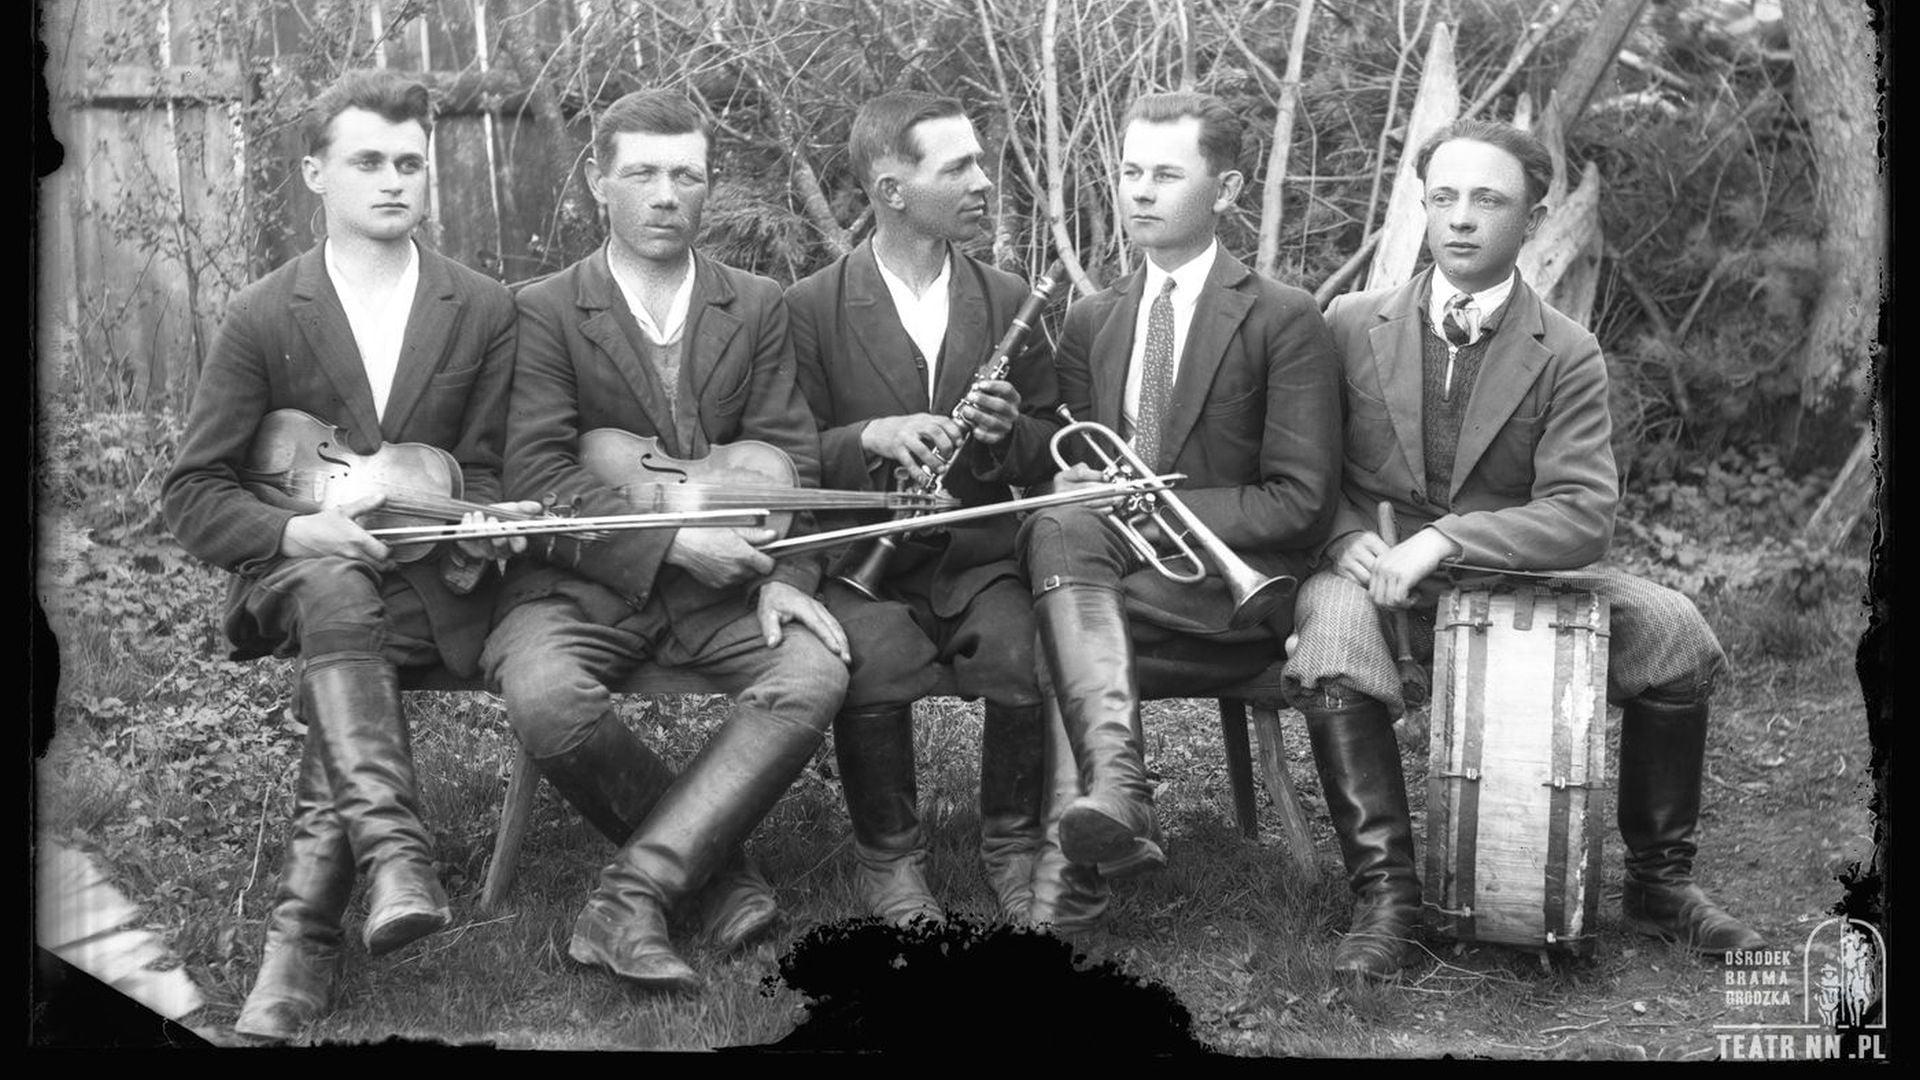 Dawna pozowana czarno-biała fotografia. Na dworze, na drewnianej ławeczce siedzi pięciu mężczyzn. Każdy z nich trzyma instrument. Są to dwie pary skrzypiec, klarnet, trąbka i bęben - baraban.